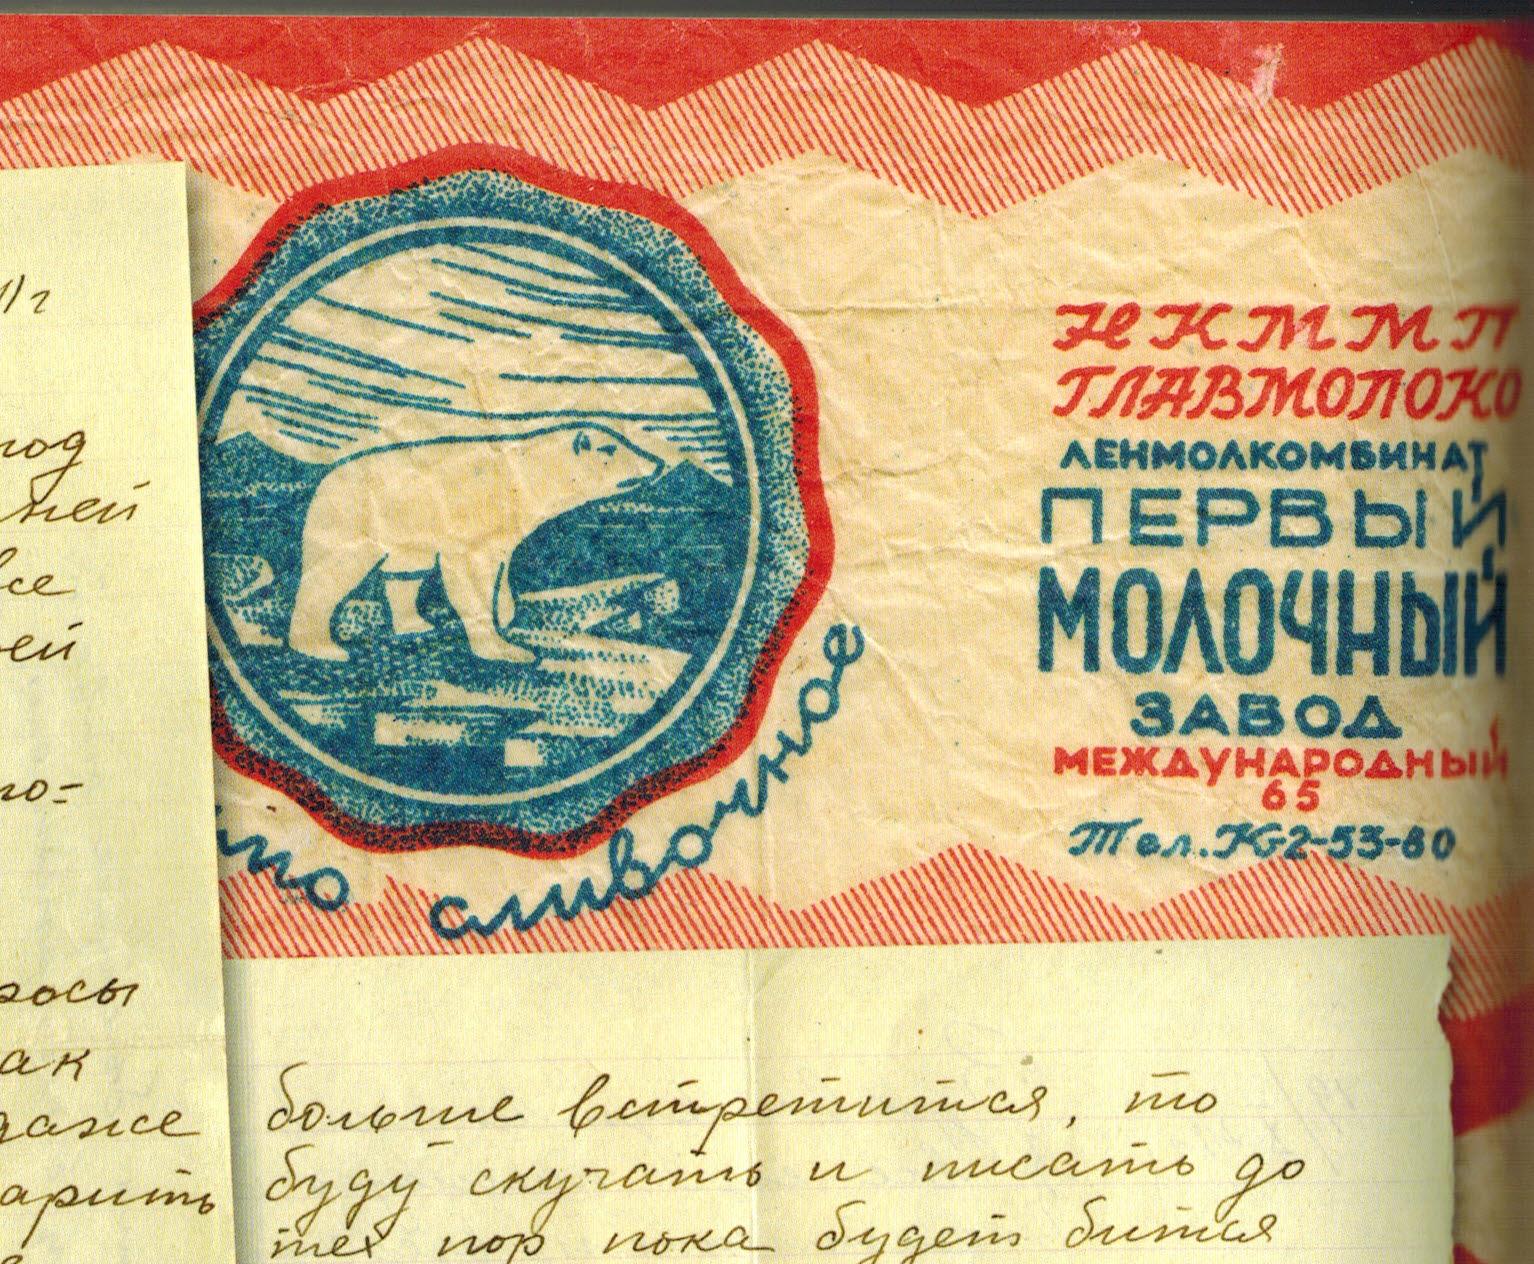 выставка Наши люди, музей Анны Ахматовой в Фонтанном доме, письмо, упаковка